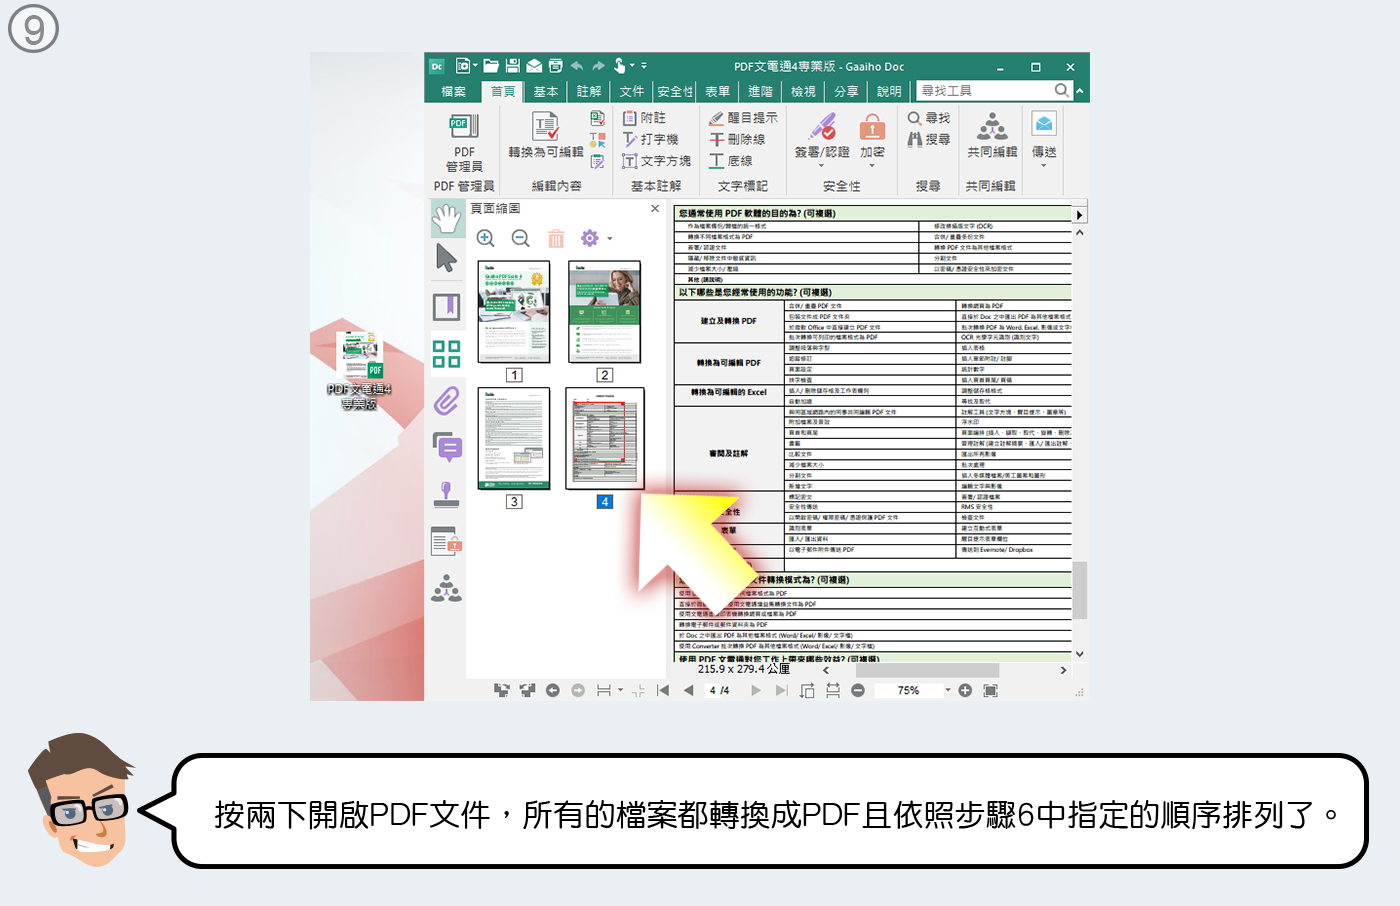 開啟PDF文件檢視剛剛所合併的結果